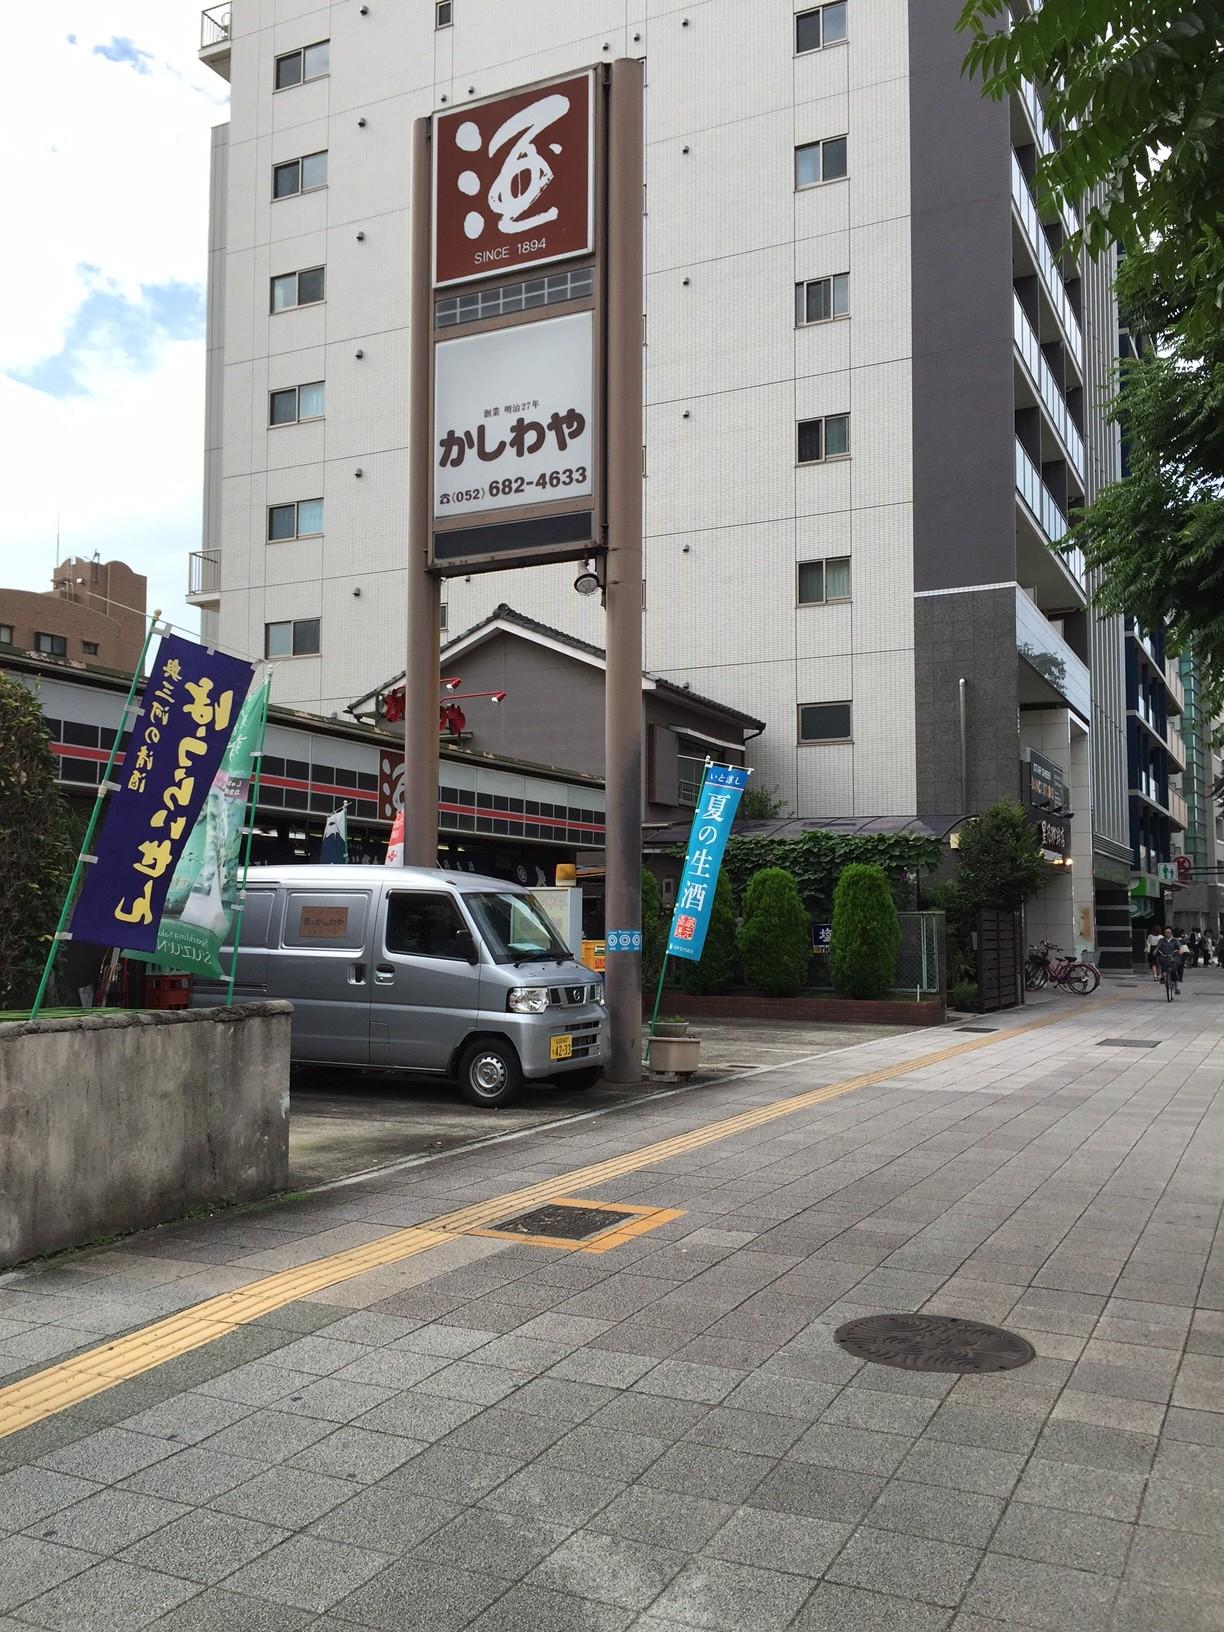 【閉店】名古屋市 金山の名酒屋『かしわや』!!日本酒はこちらで買います。